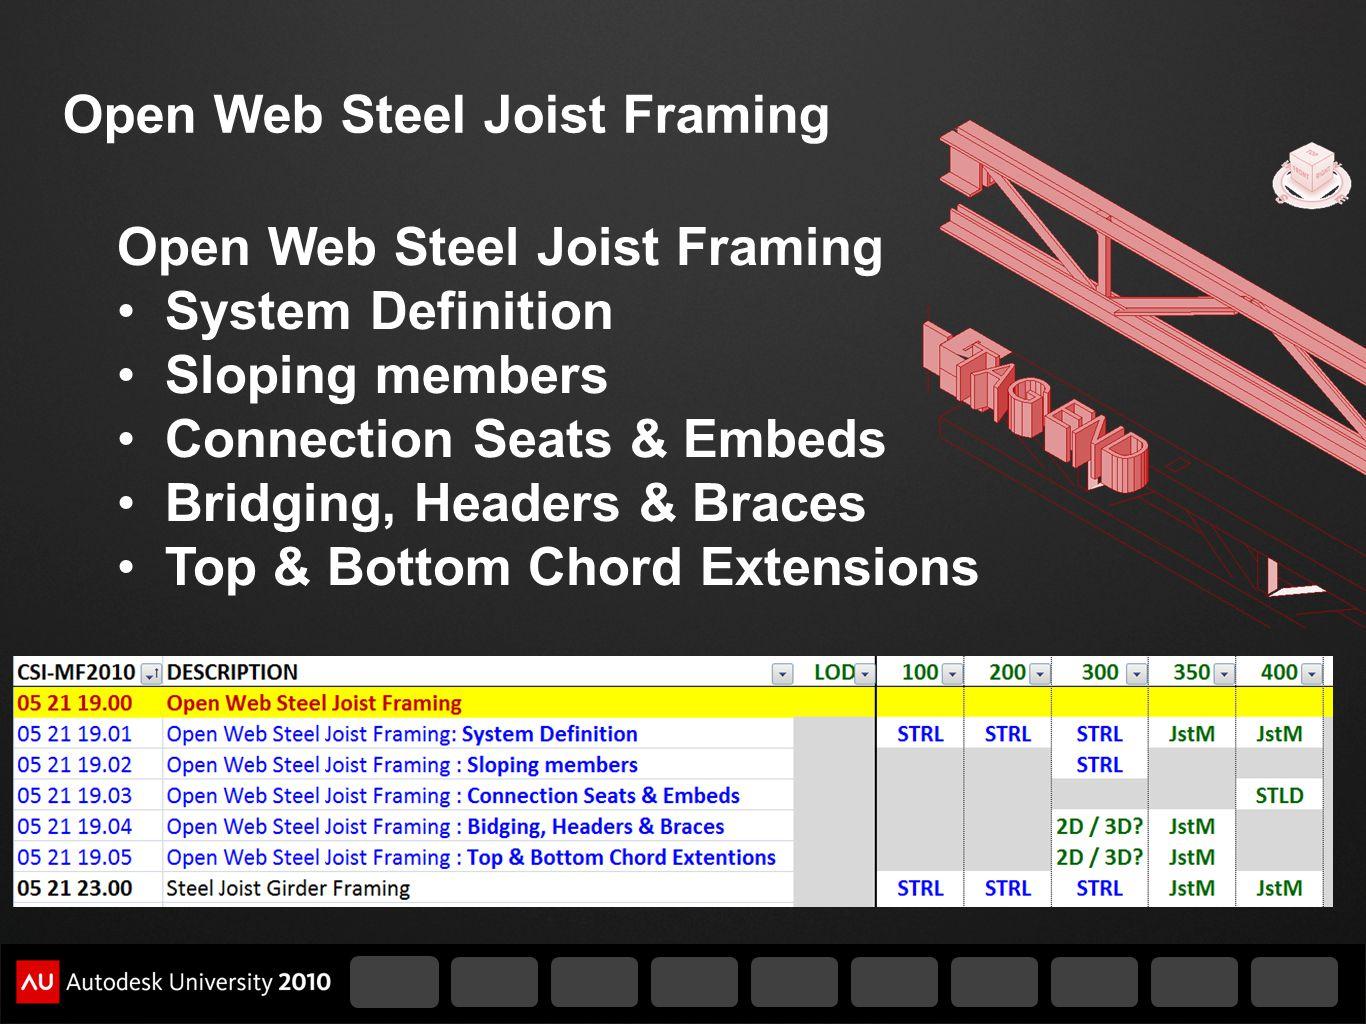 Open Web Steel Joist Framing